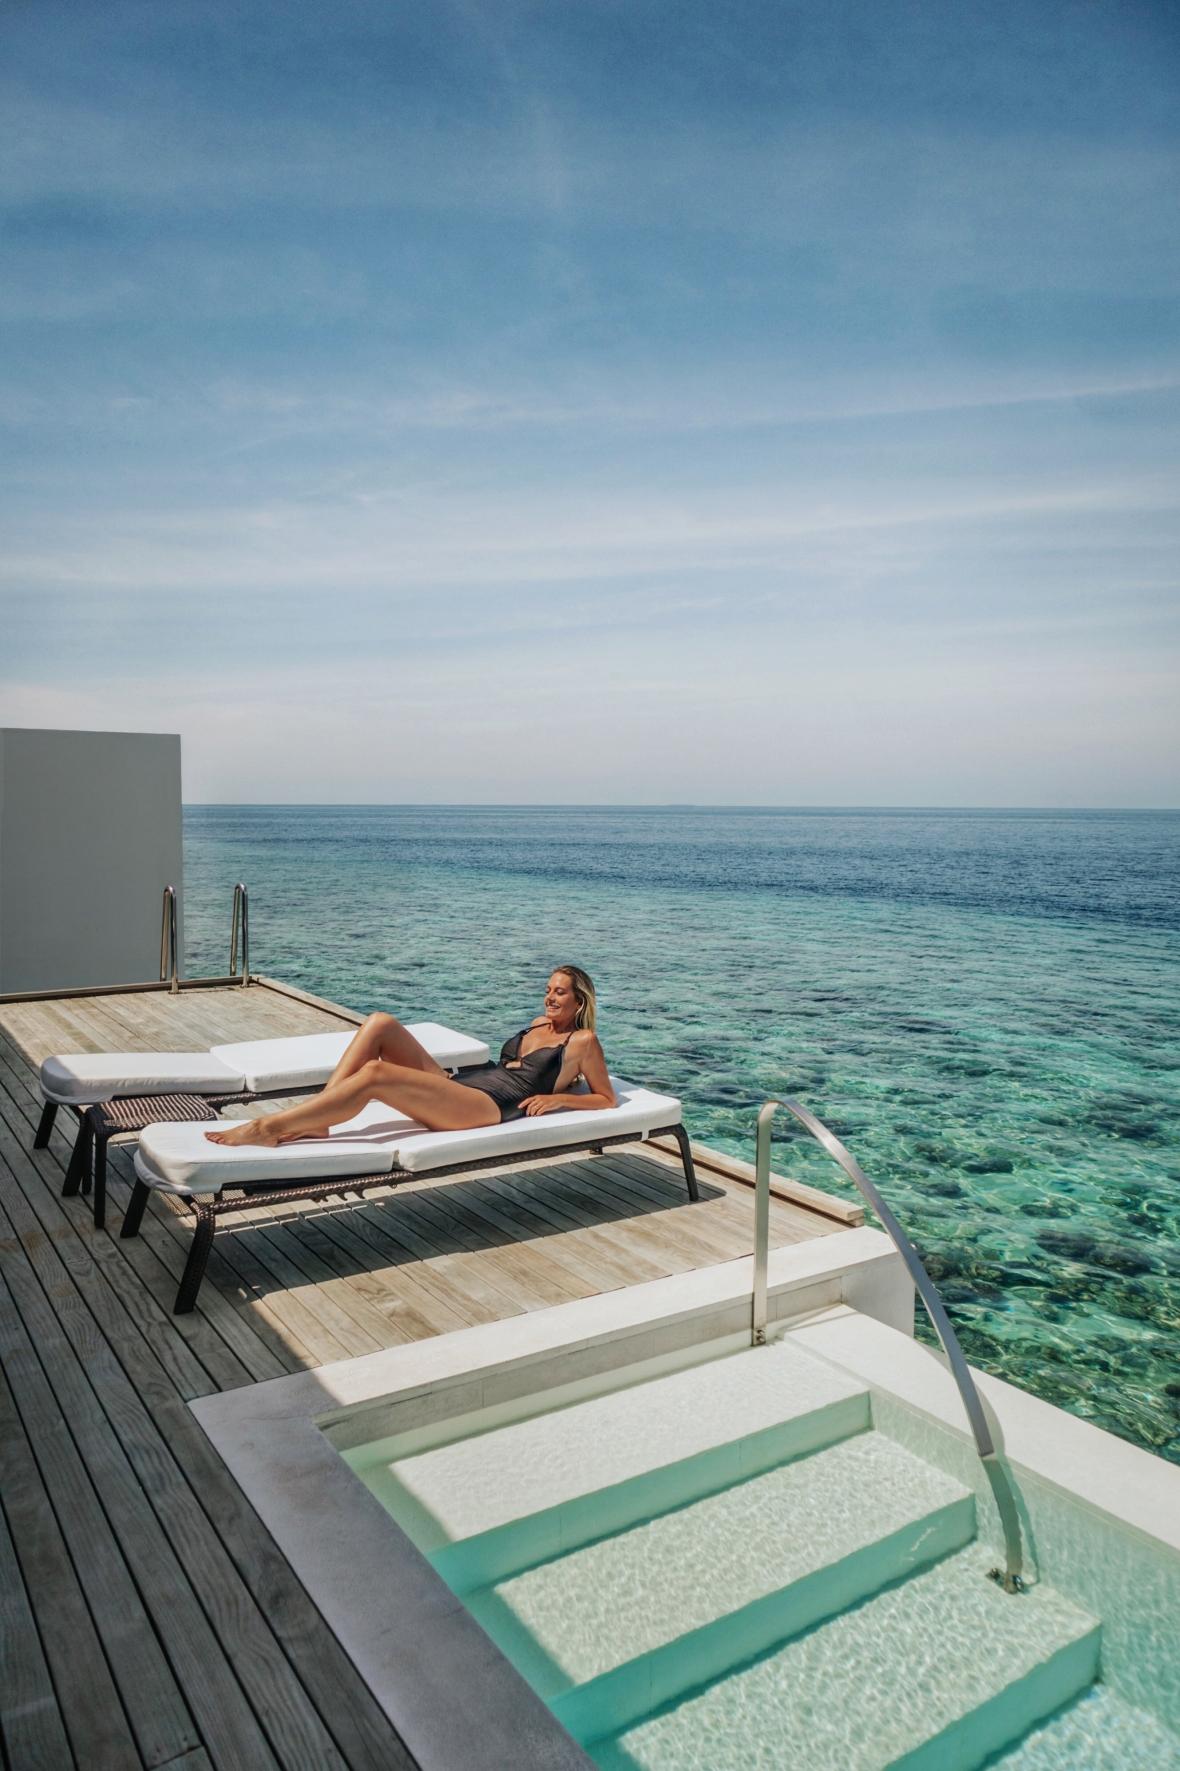 Westin Maldives Roomtour Overwater Villa Merel van Poorten